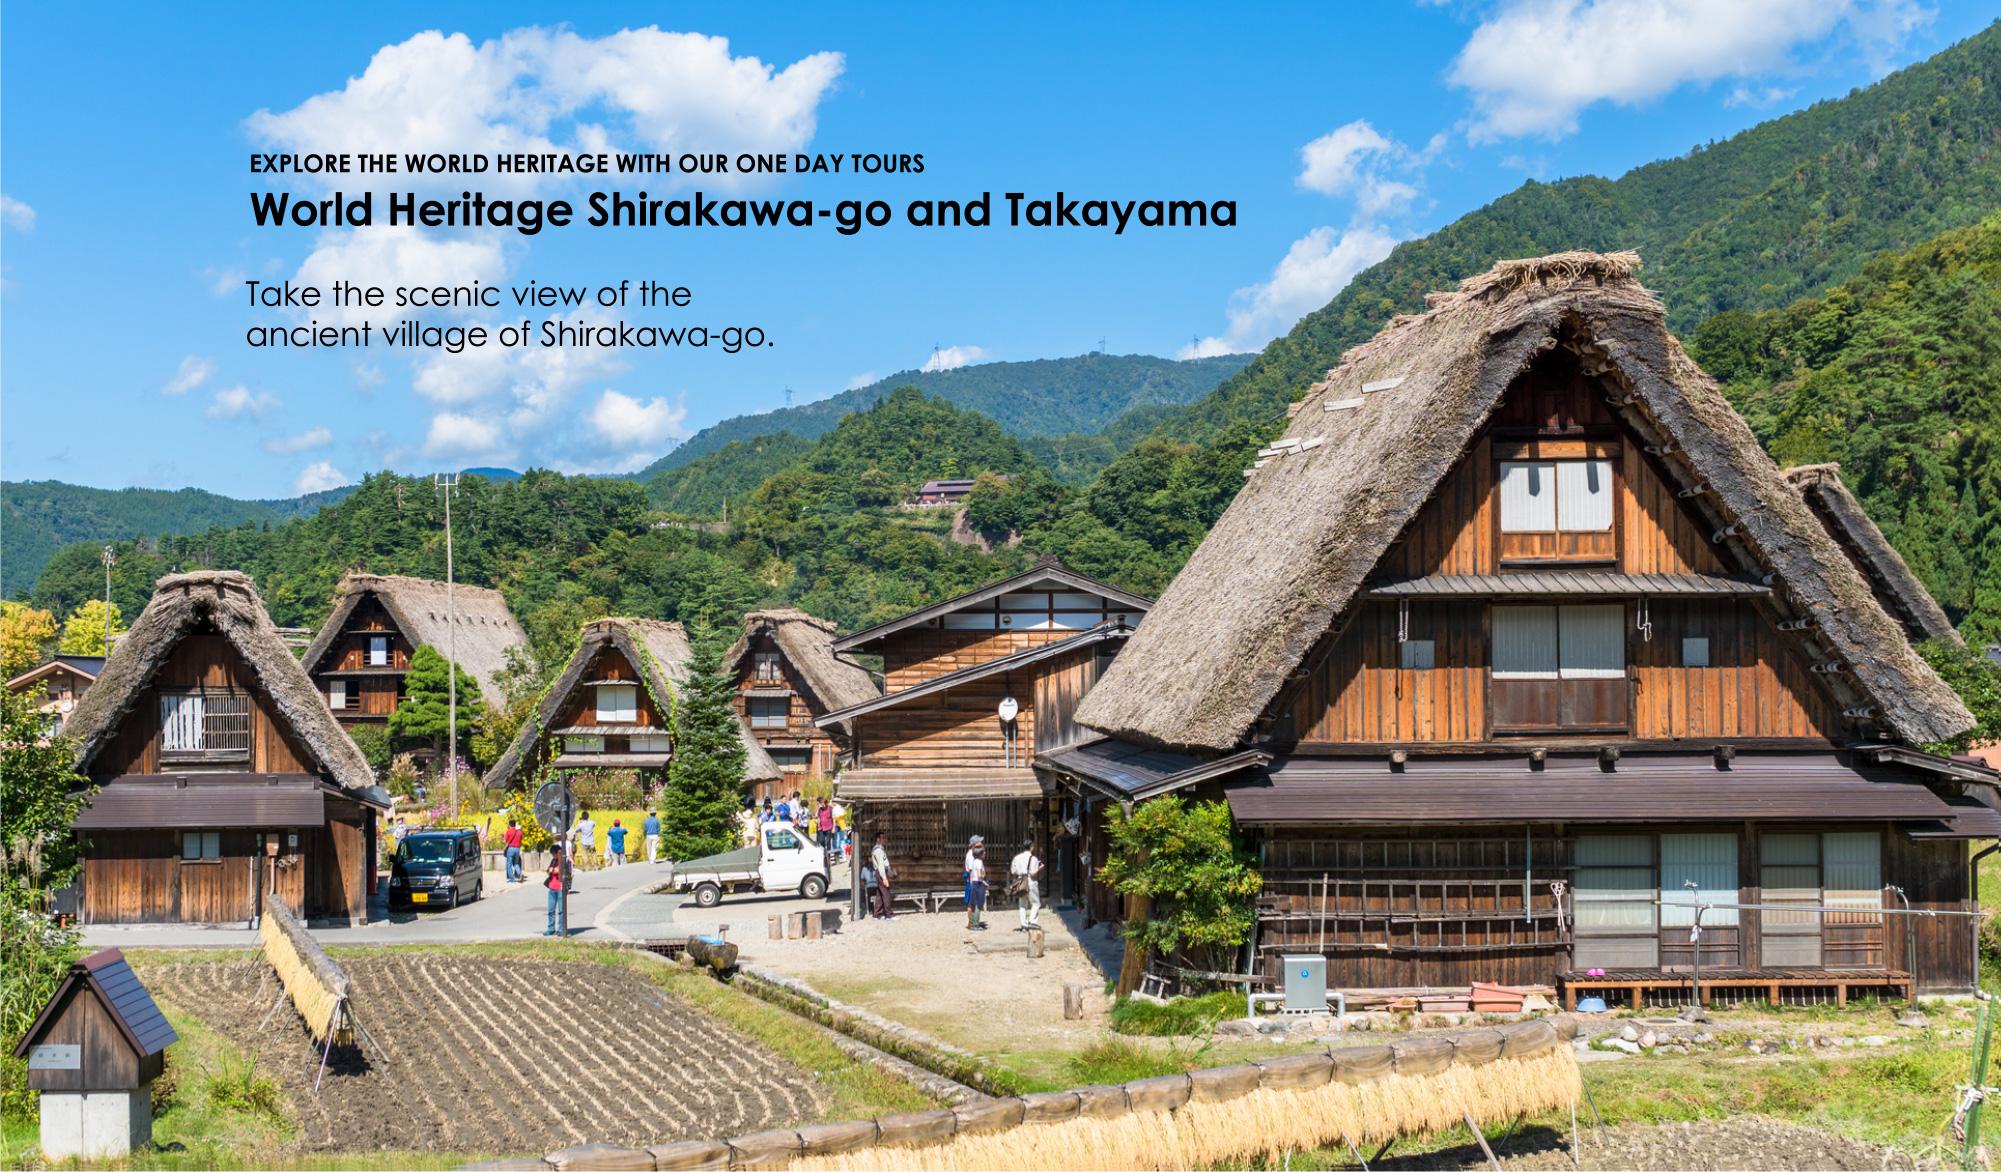 World Heritage Shirakawa-go and Takayama